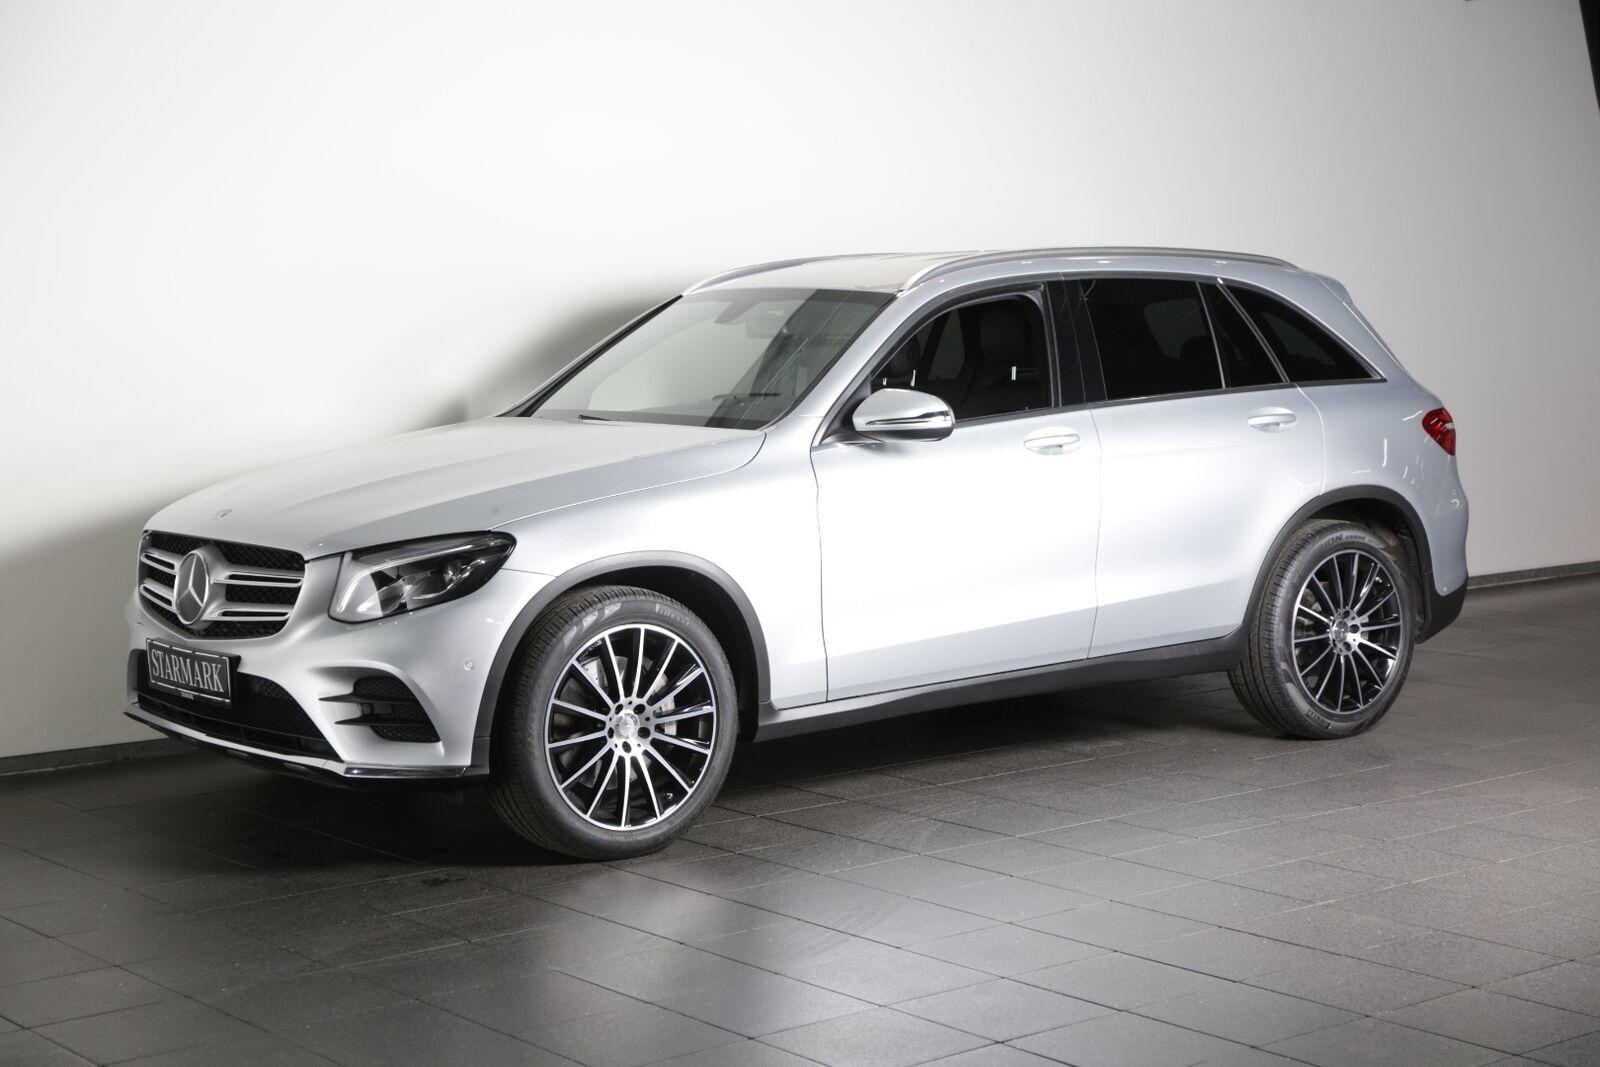 Mercedes GLC220 d 2,2 AMG Line aut. 4-M 5d - 539.900 kr.